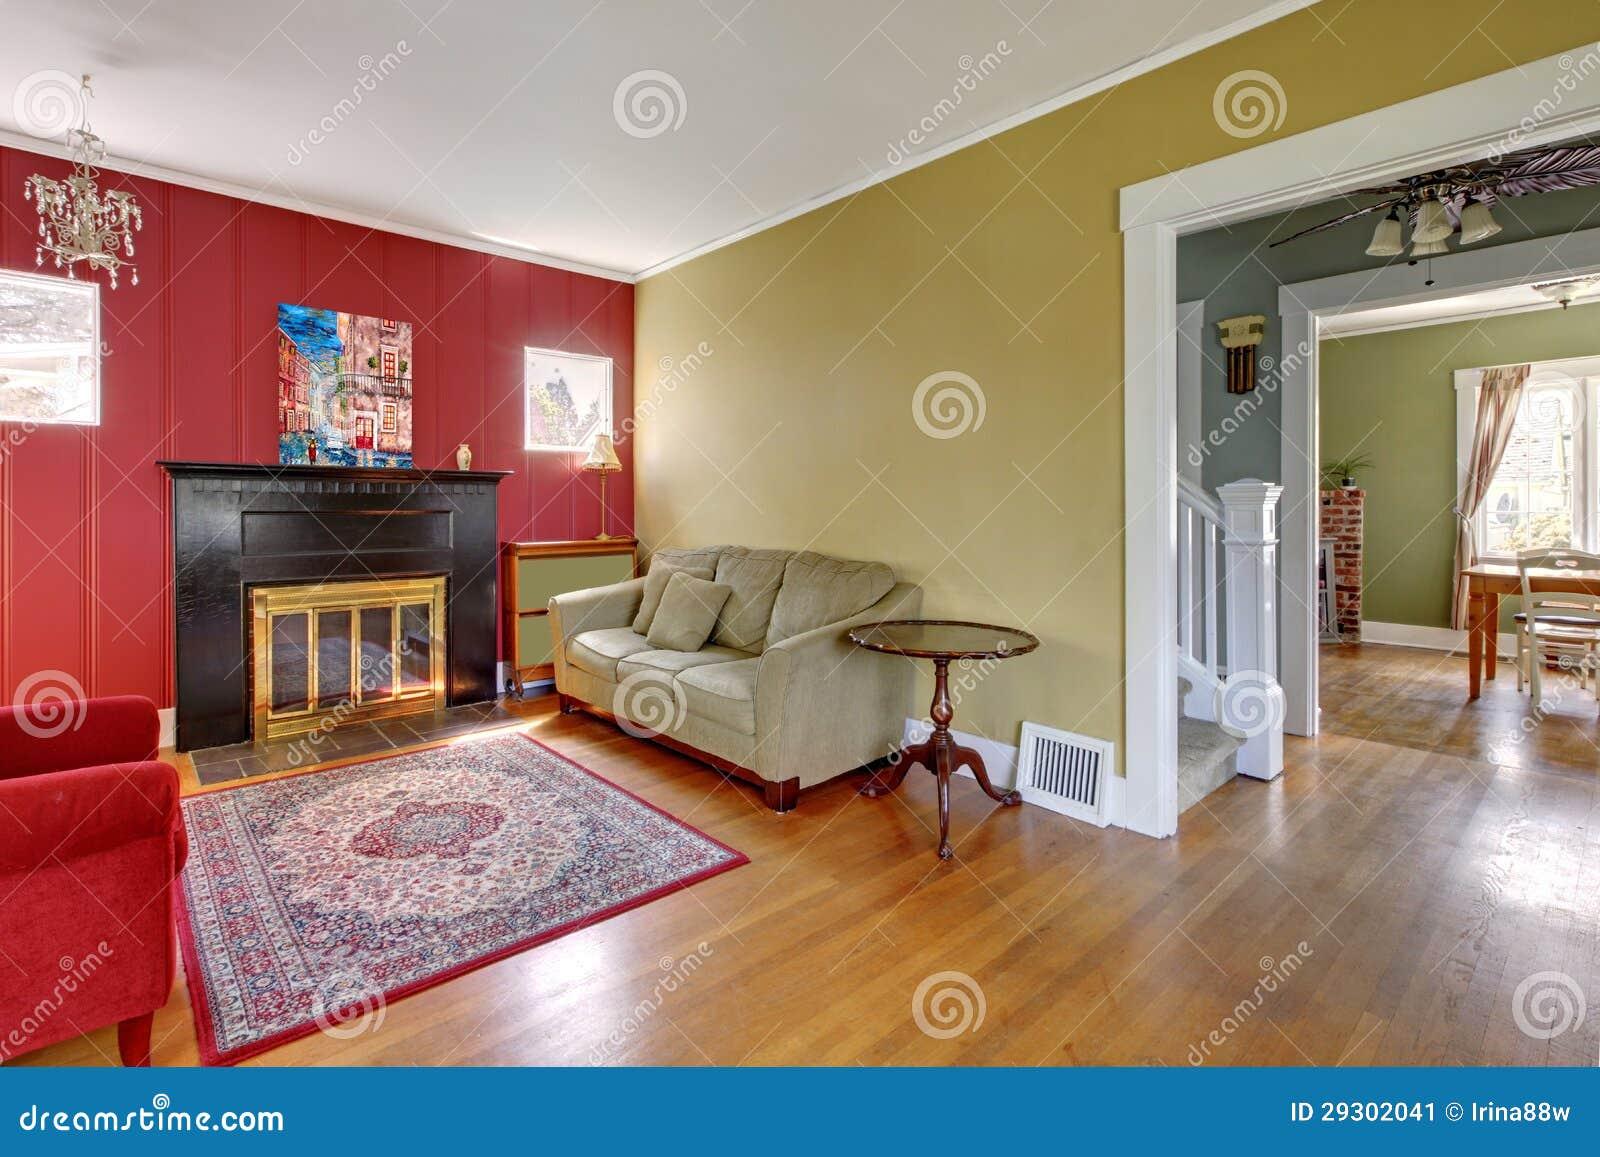 Wohnzimmer Mit Den Roten Und Gelben Wanden Und Kamin Stockbild